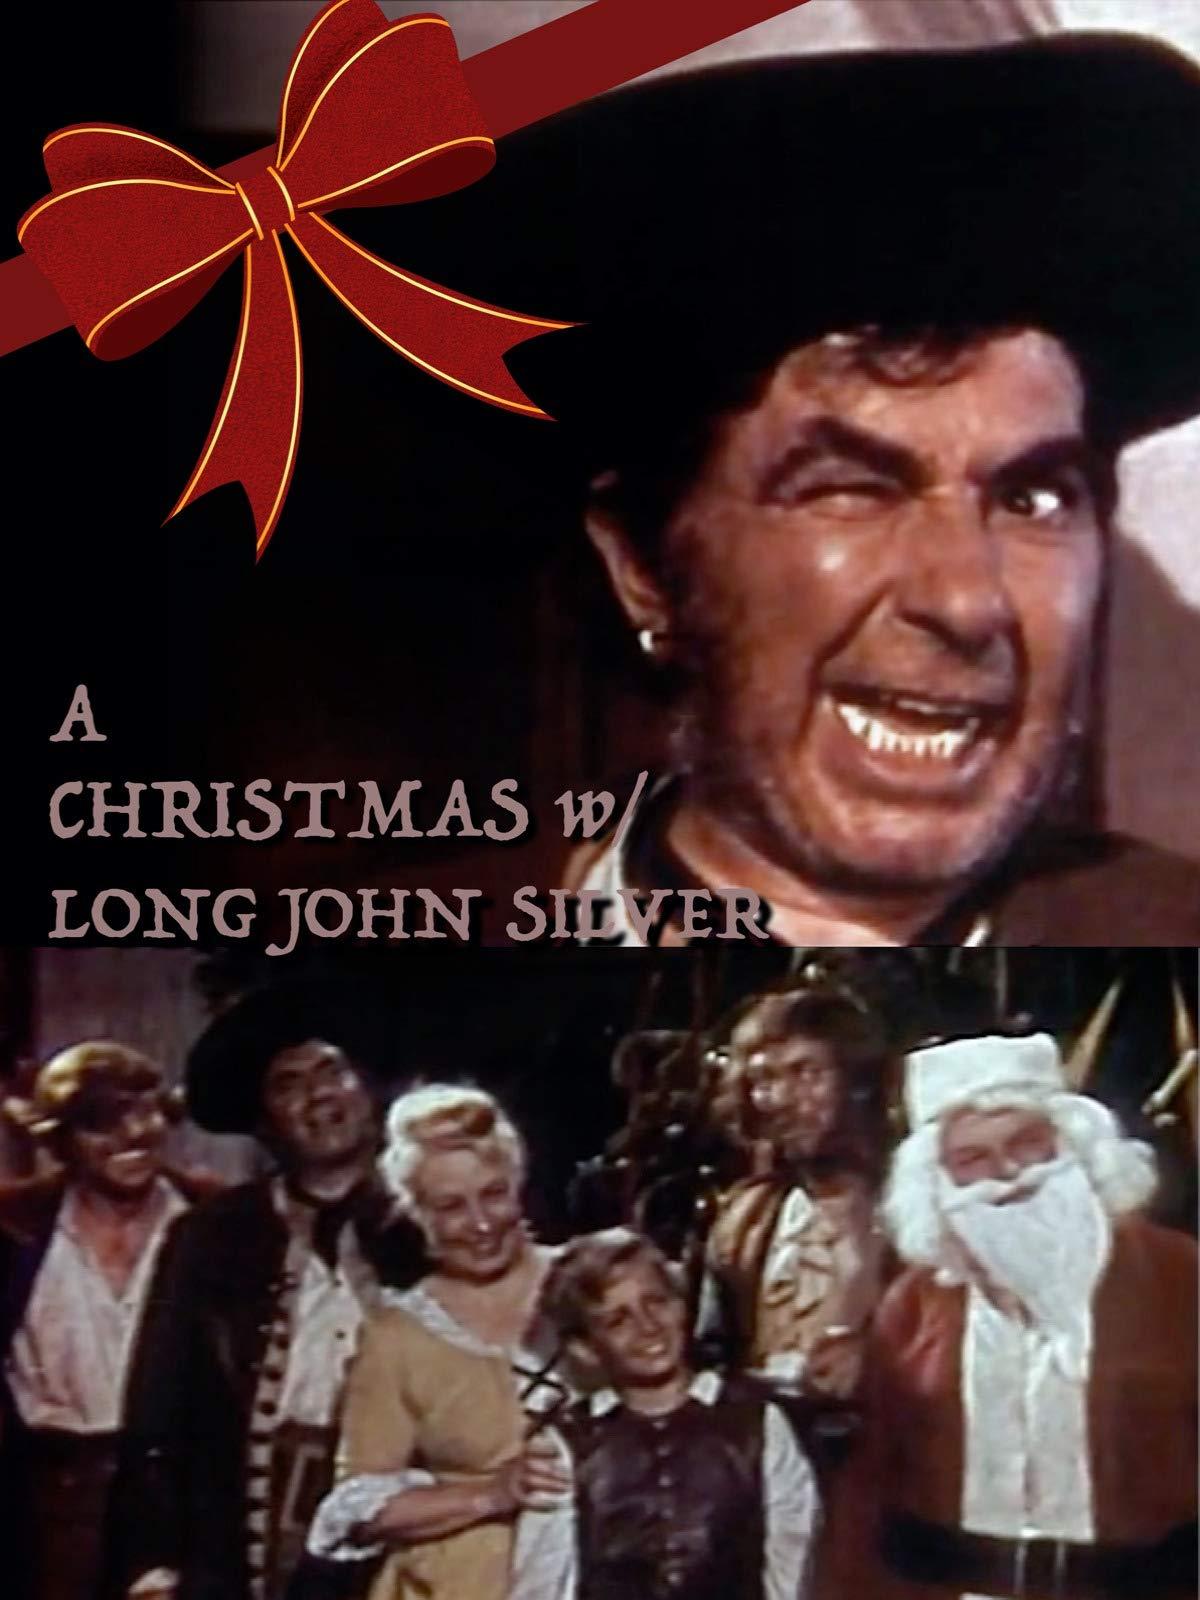 A Christmas w/ Long John Silver